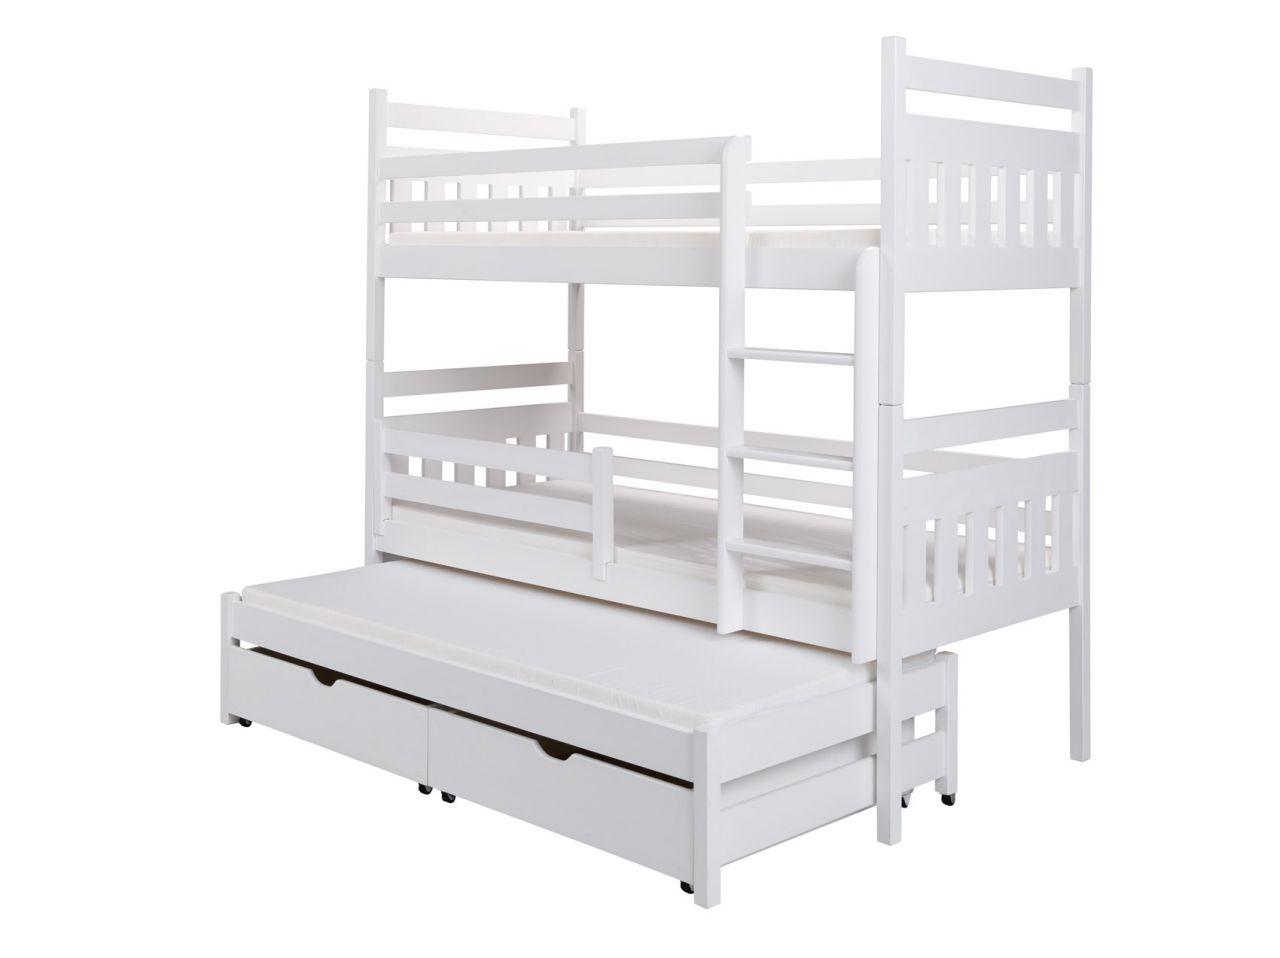 Etagenbett Liegefläche 80 180 : Amazon etagenbett sophie für zwei schlafende bettrahmen aus